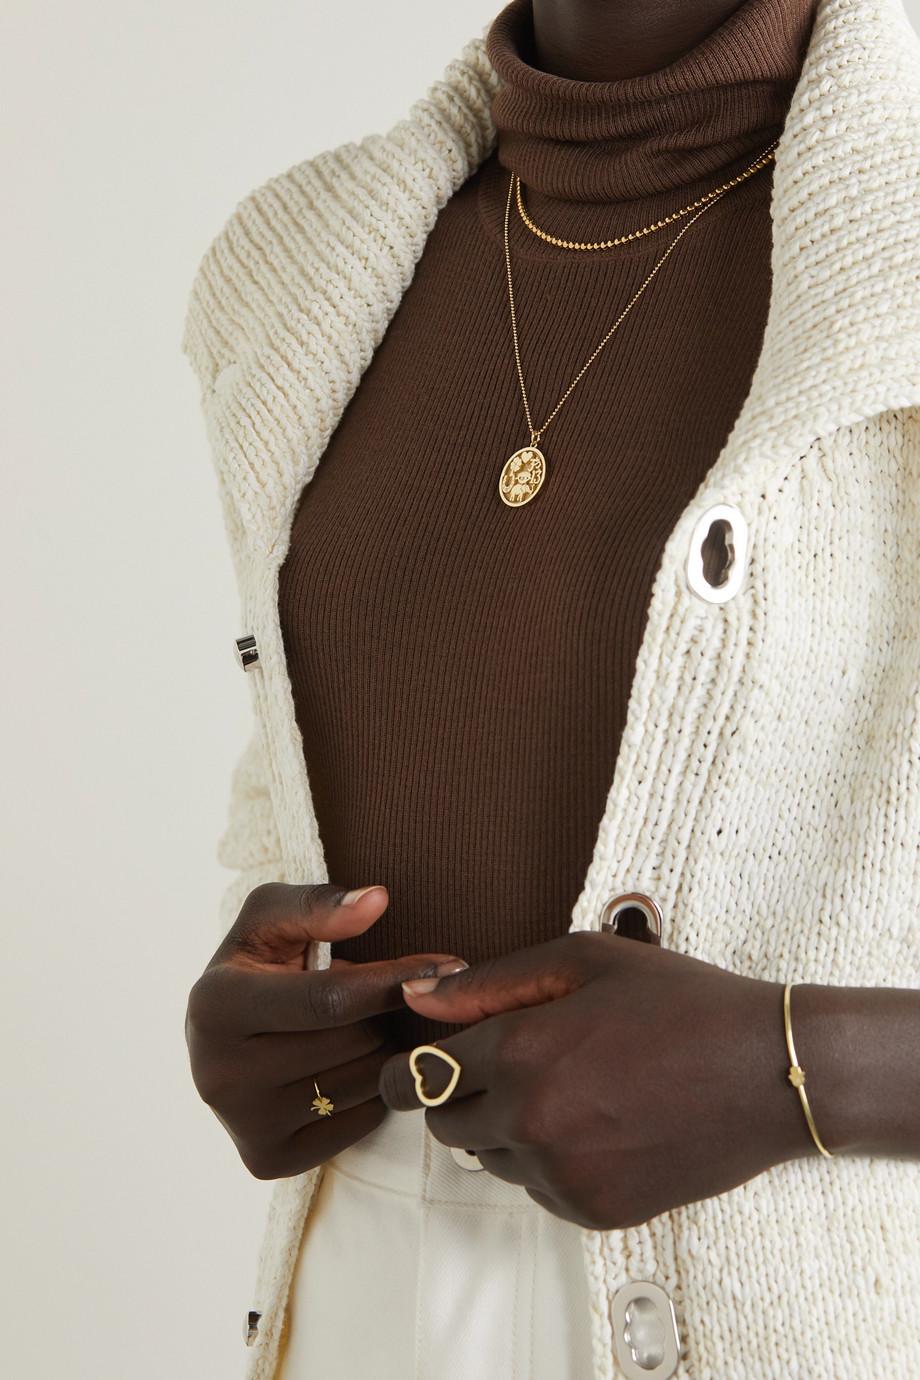 Jennifer Meyer 18-karat gold necklace